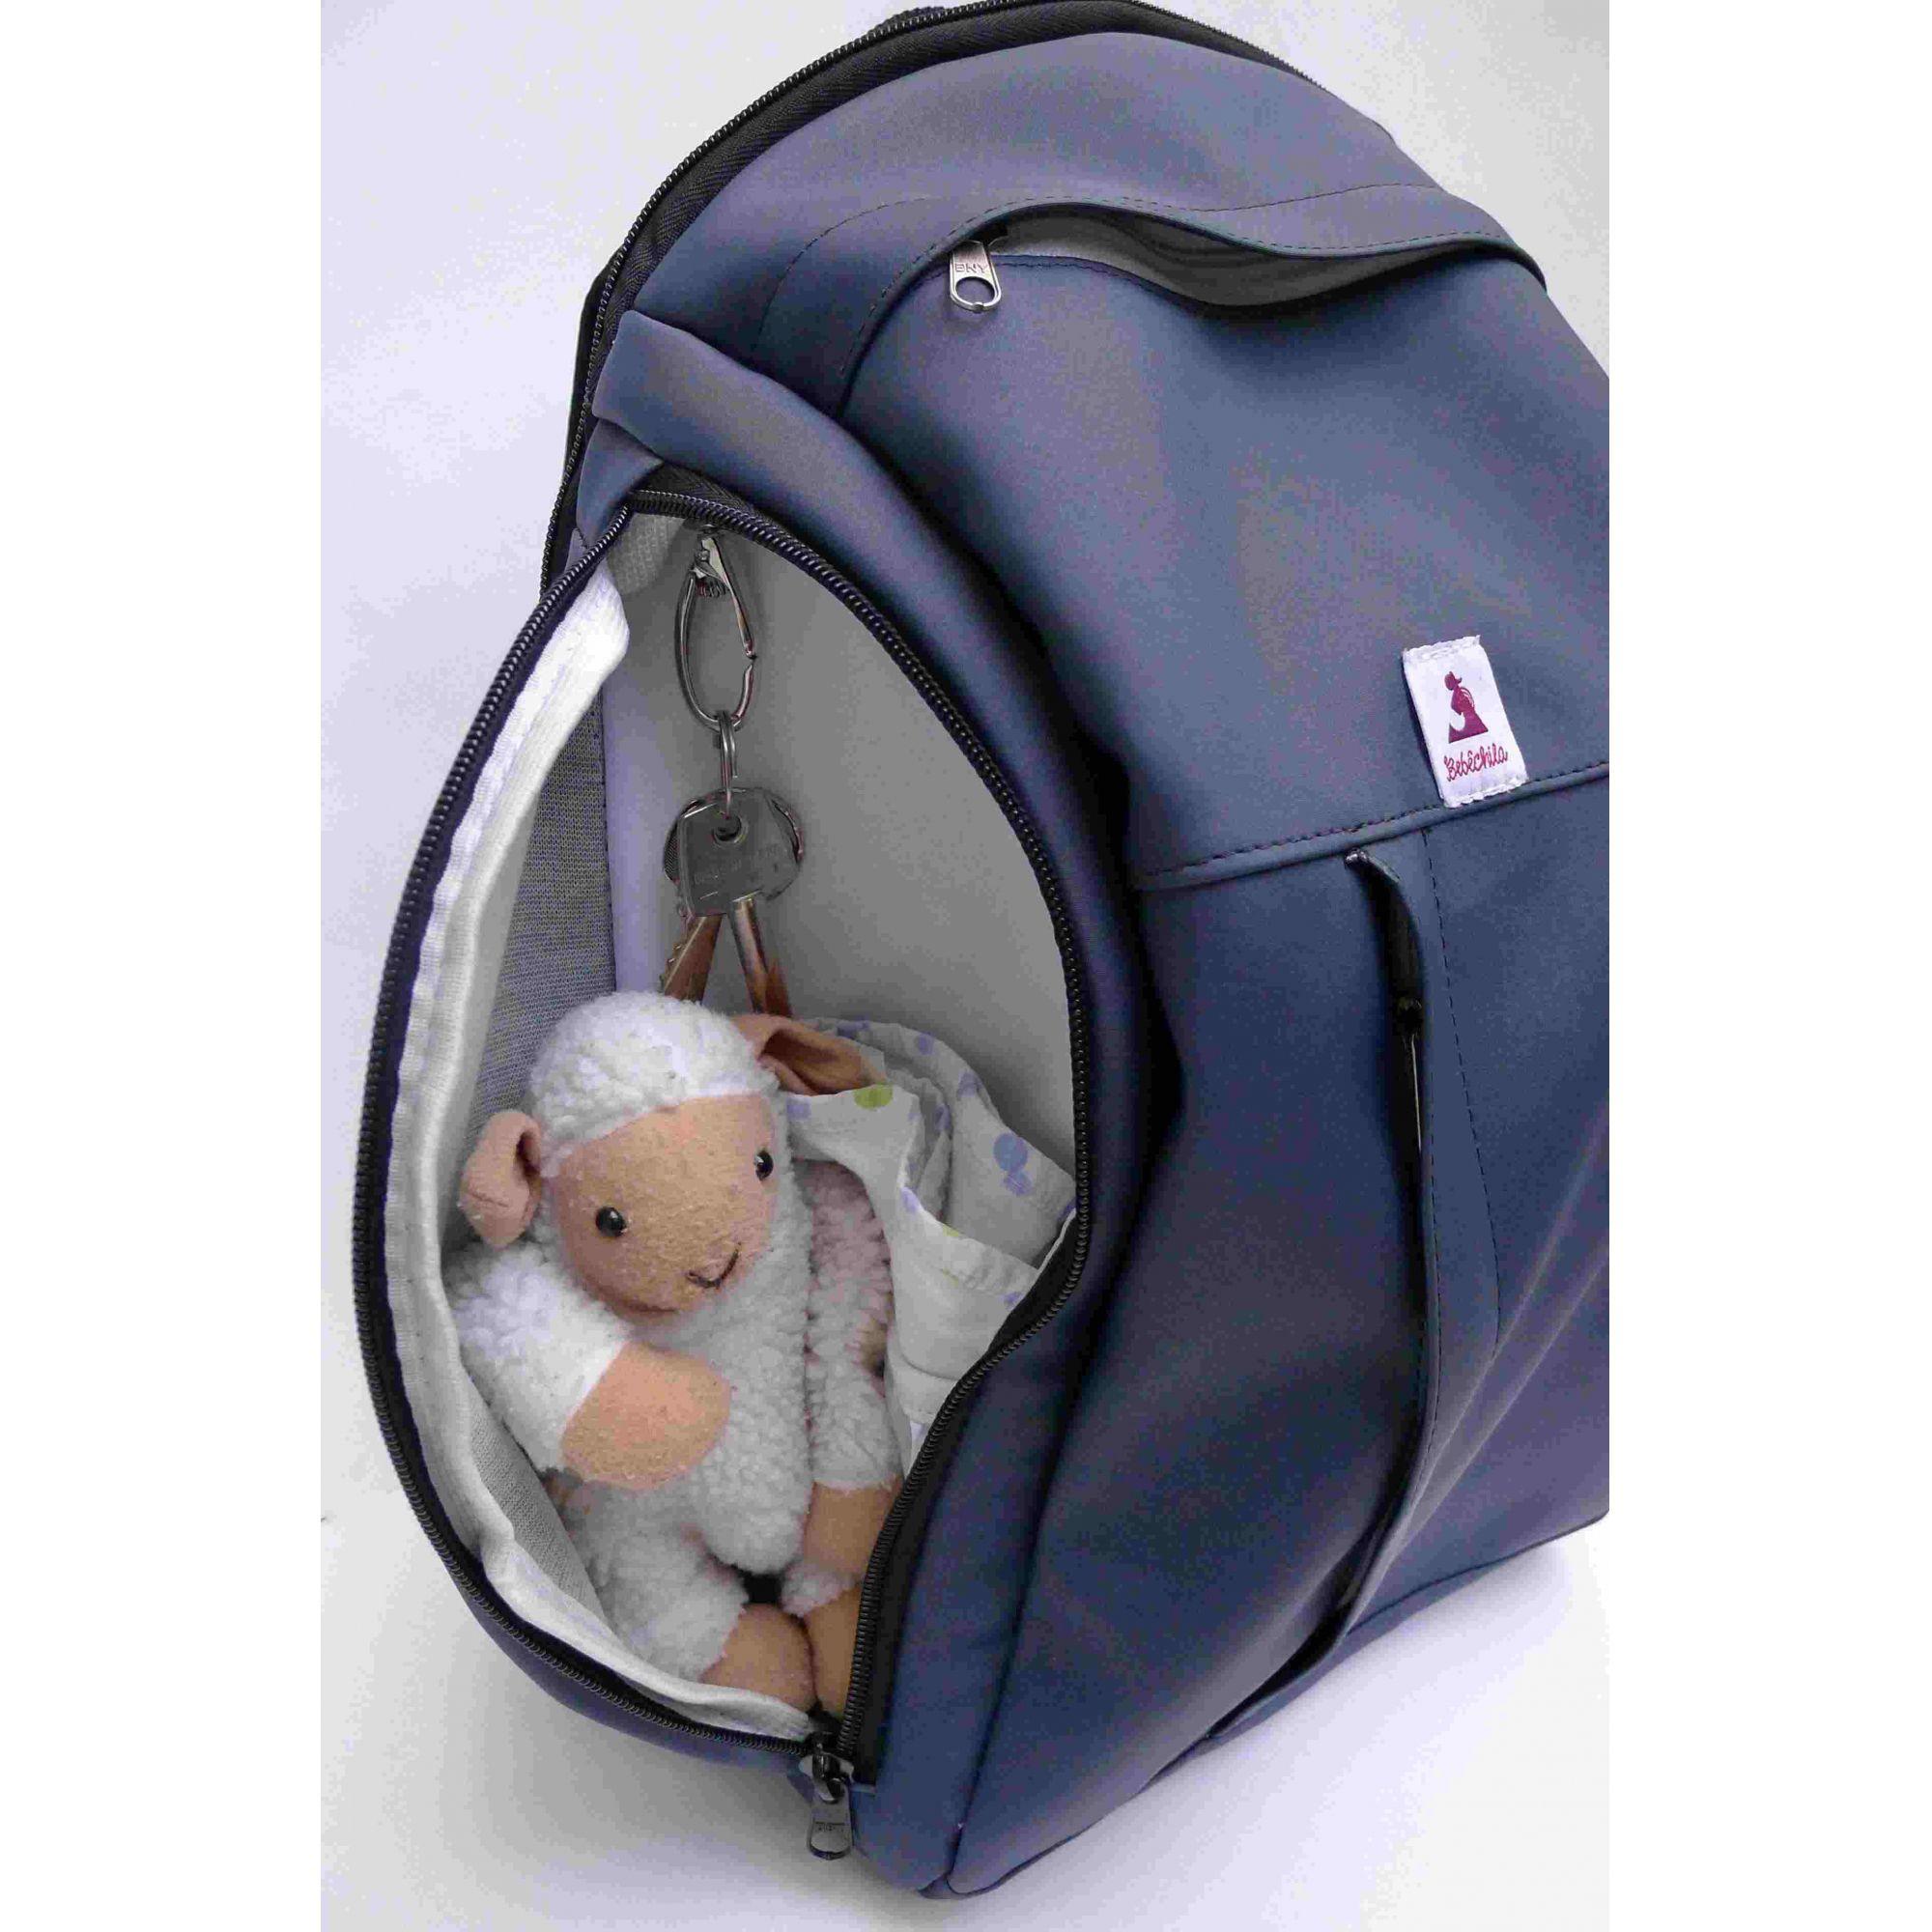 Mochila de maternidade - Bebêchila Berry Azul Marinho